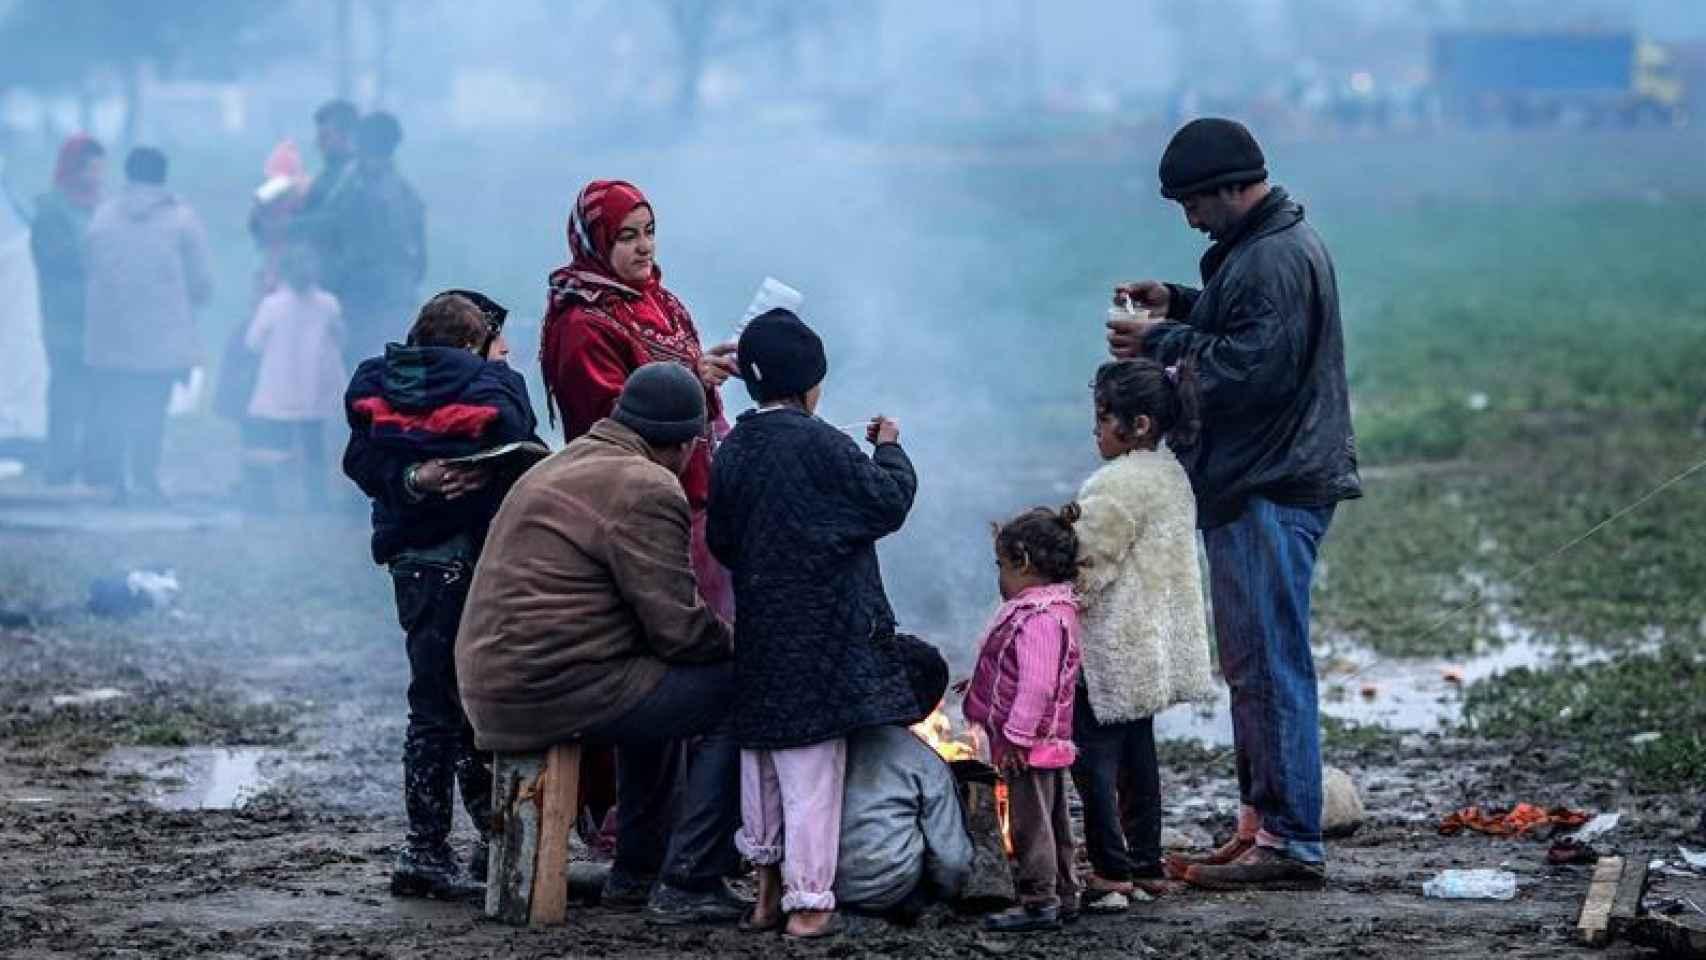 Familia de refugiados en un campo de acogida en Grecia.